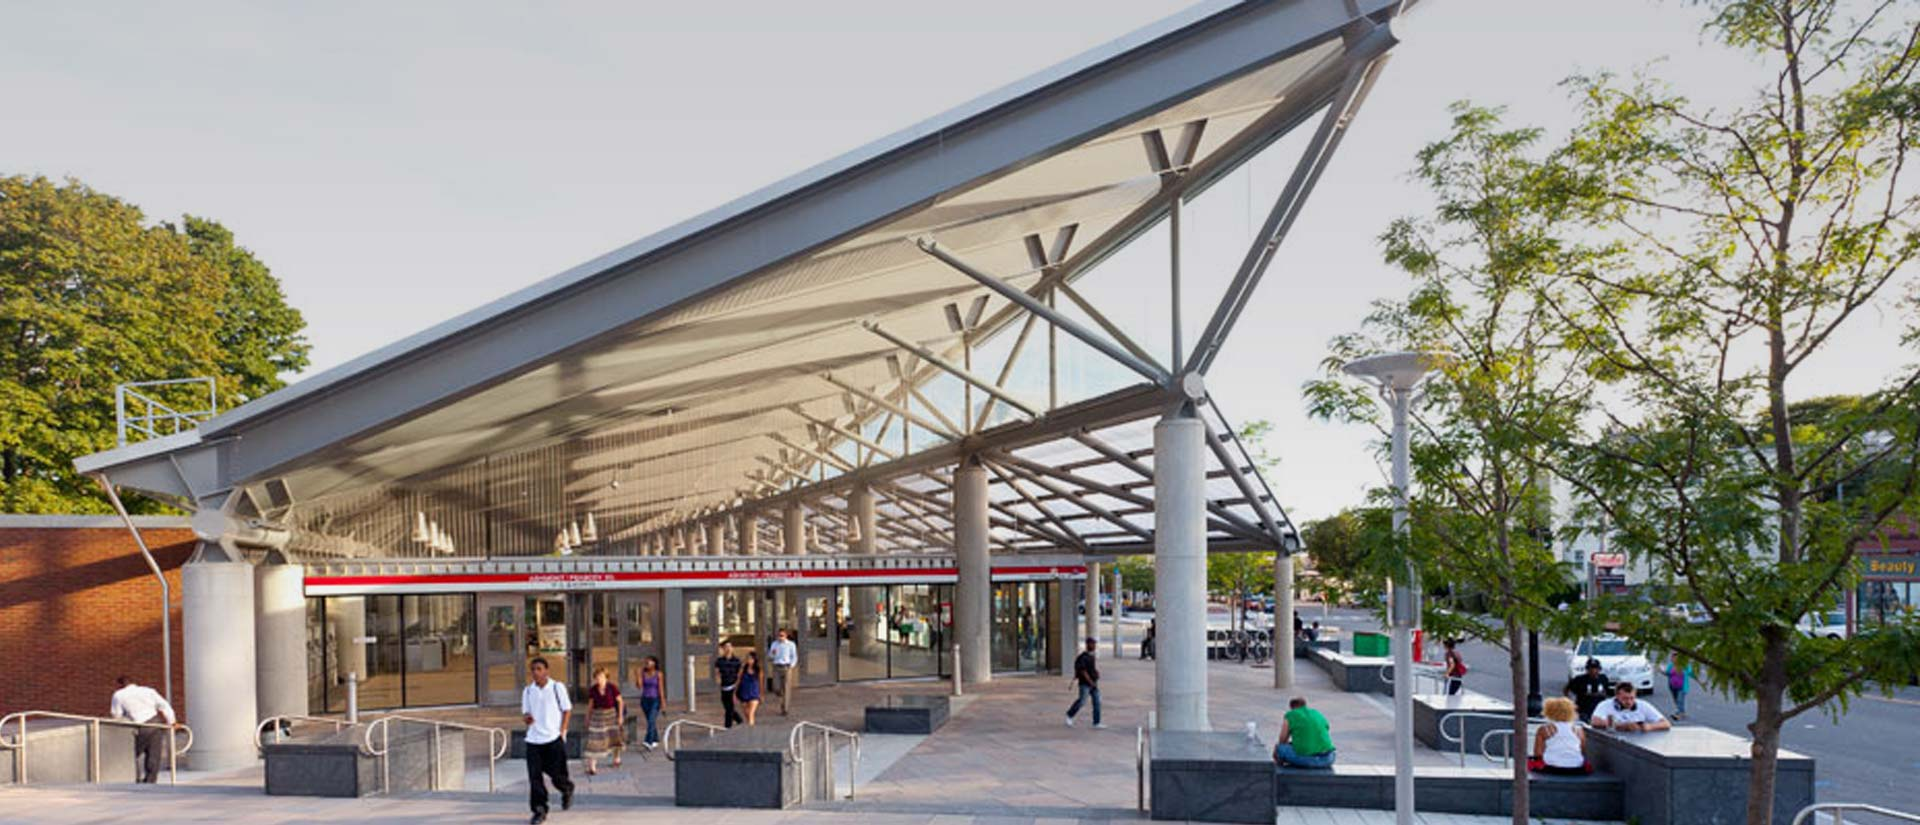 Ashmont Station, Dorchester, MA.